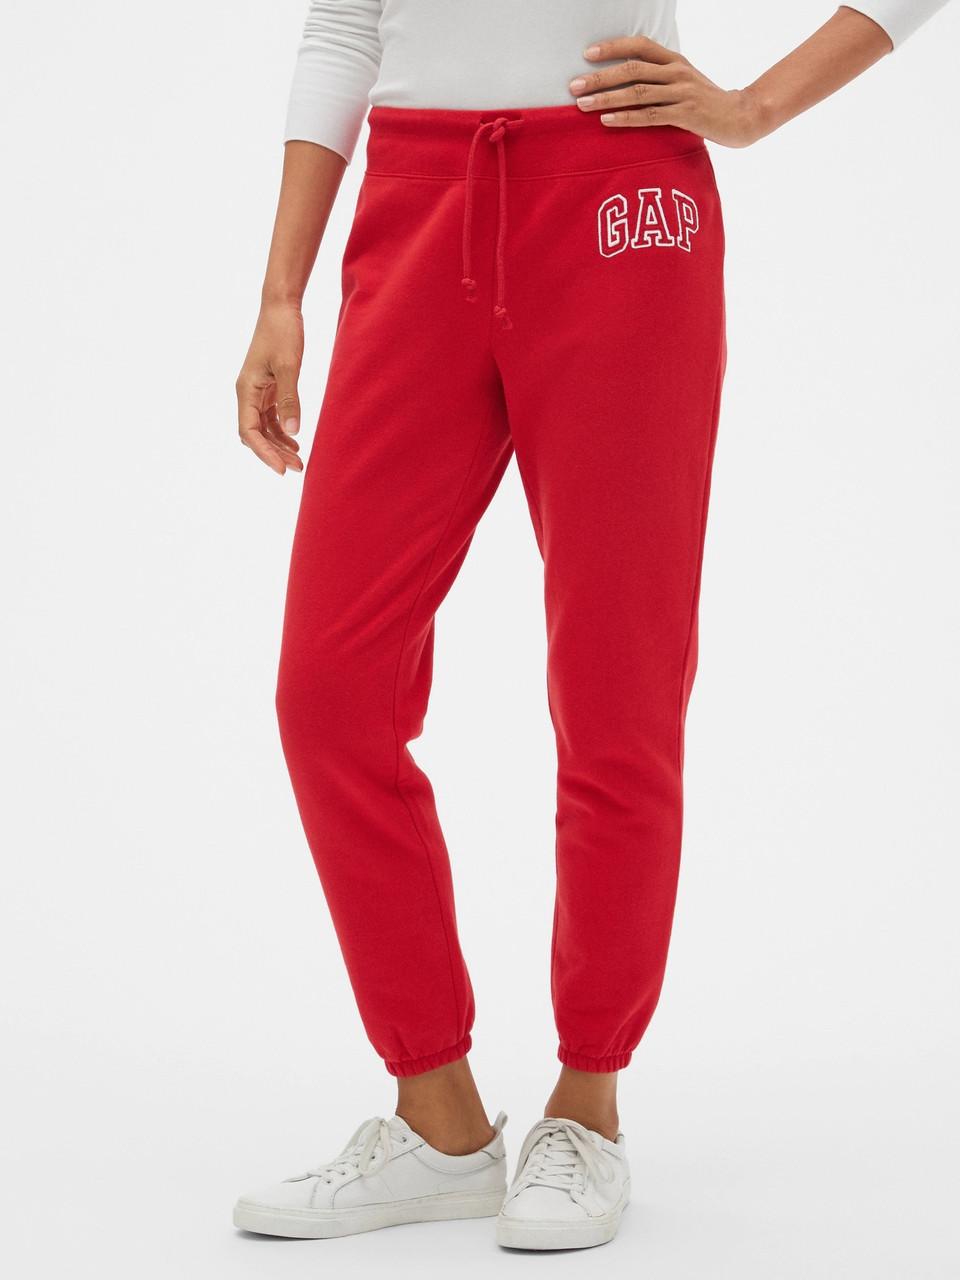 Женские джоггеры GAP спортивные штаны art828309 (Красный, размер M)